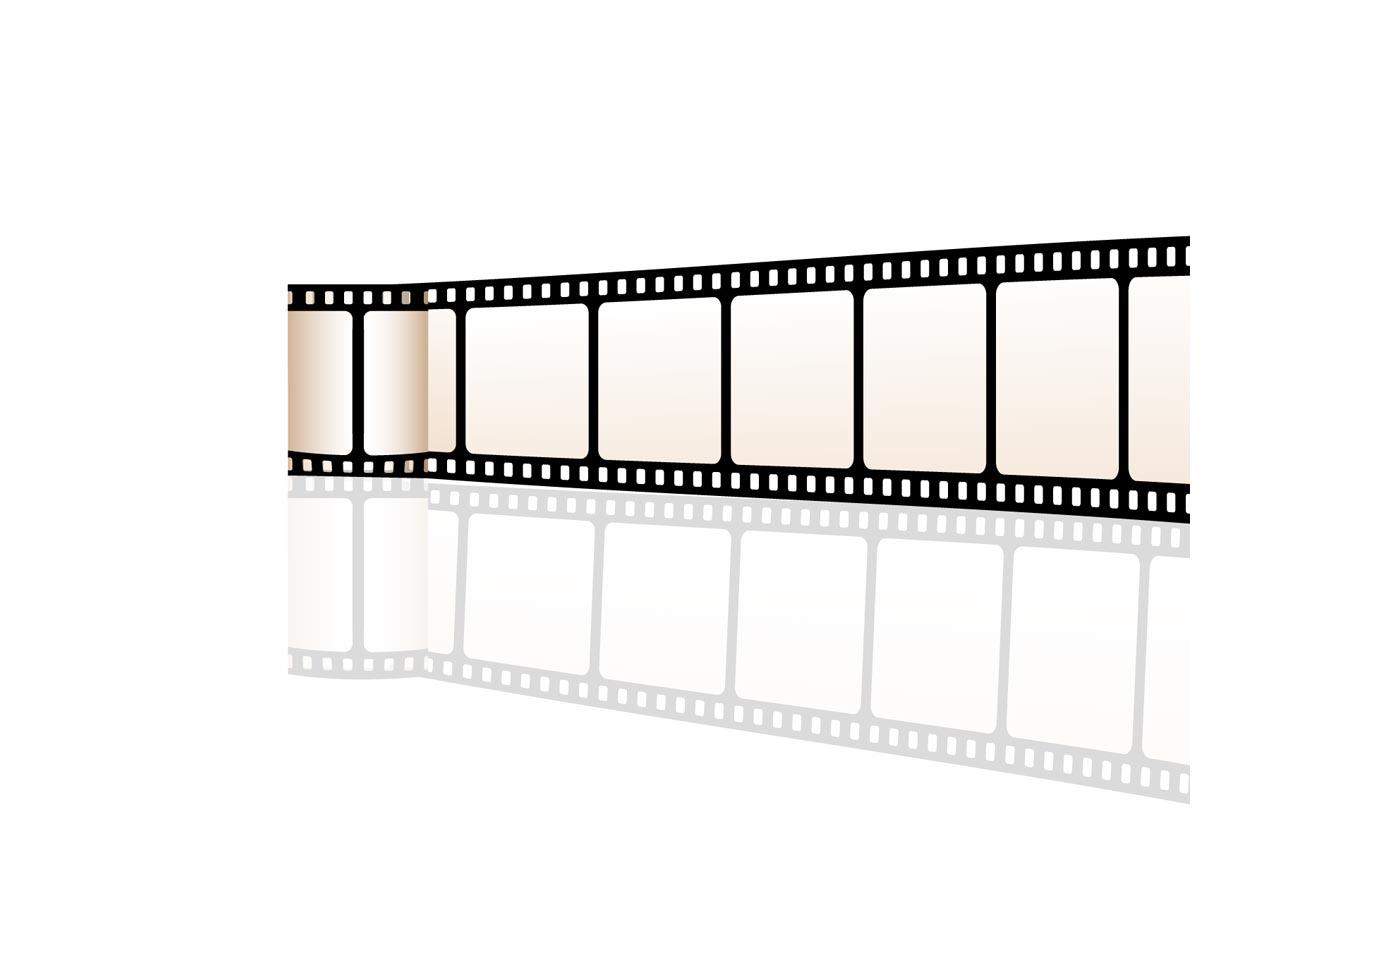 1400x980 Vector Film Reel